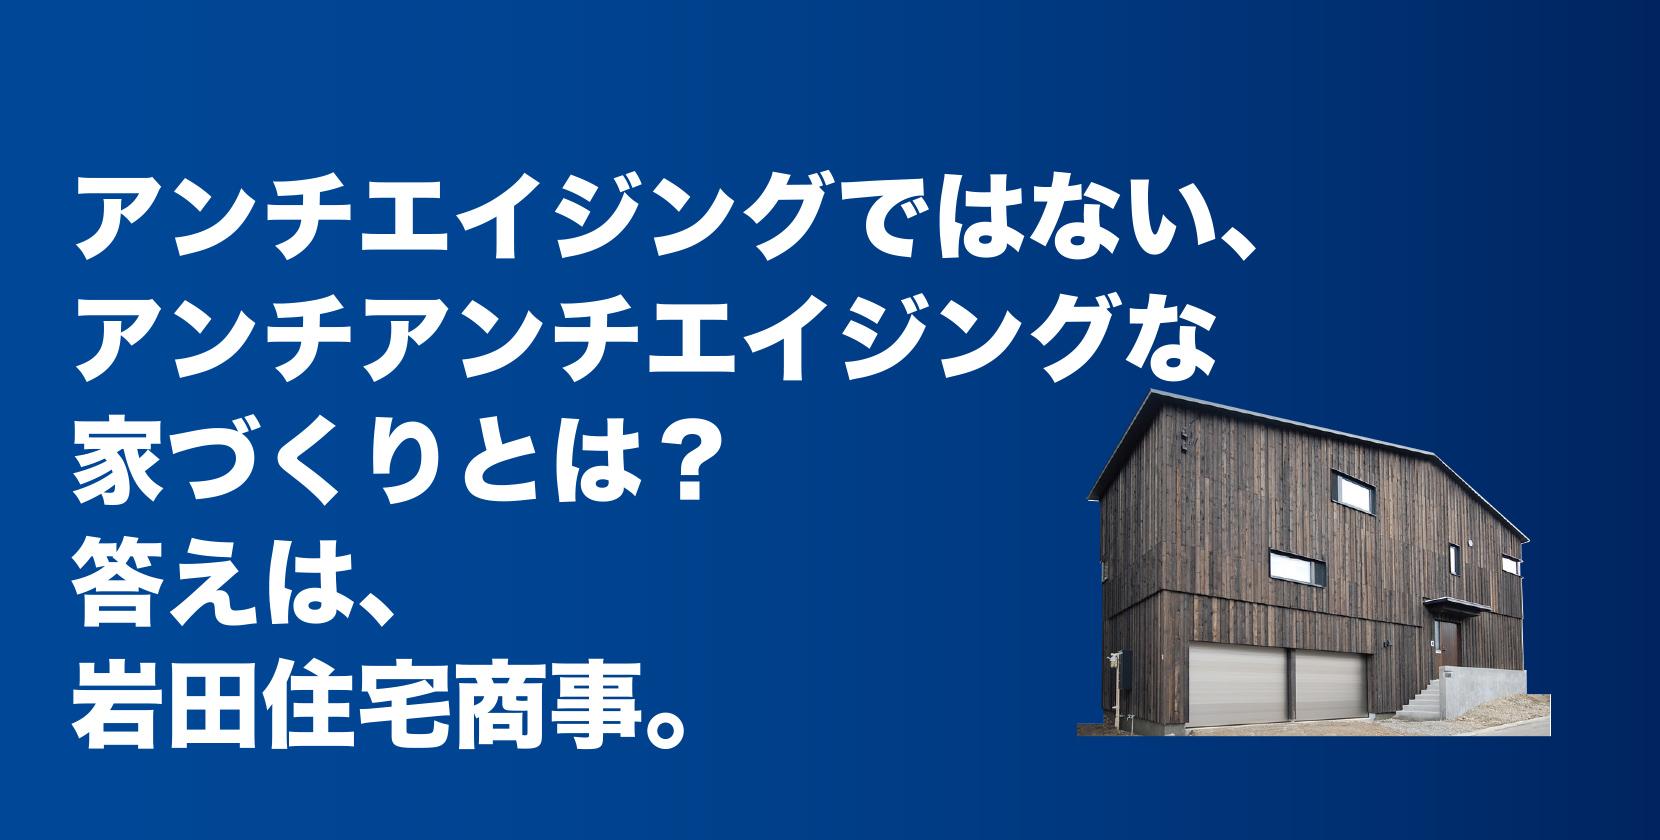 アンチエイジングではない、アンチアンチエイジングな家づくりとは?答えは、岩田住宅商事。